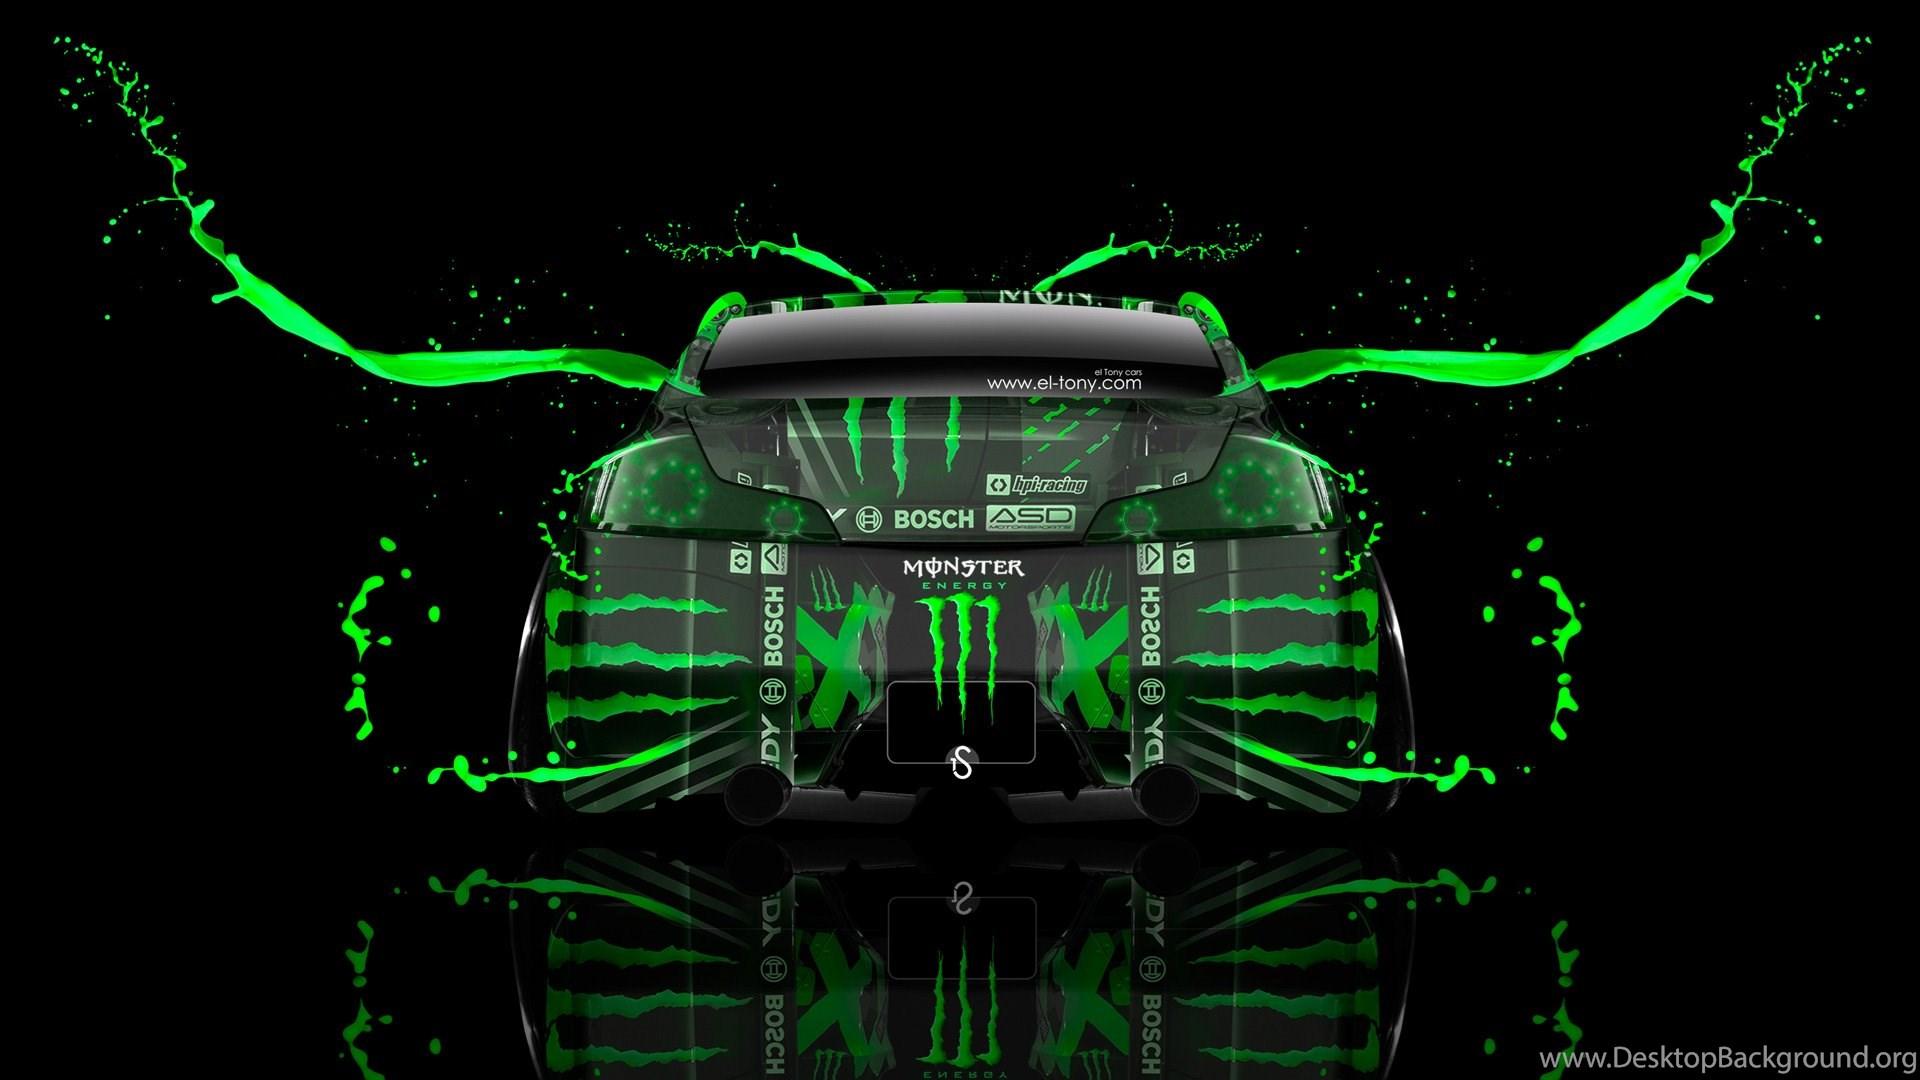 Monster Energy Cars Infiniti Live Wallpapers JohnyWheels Desktop